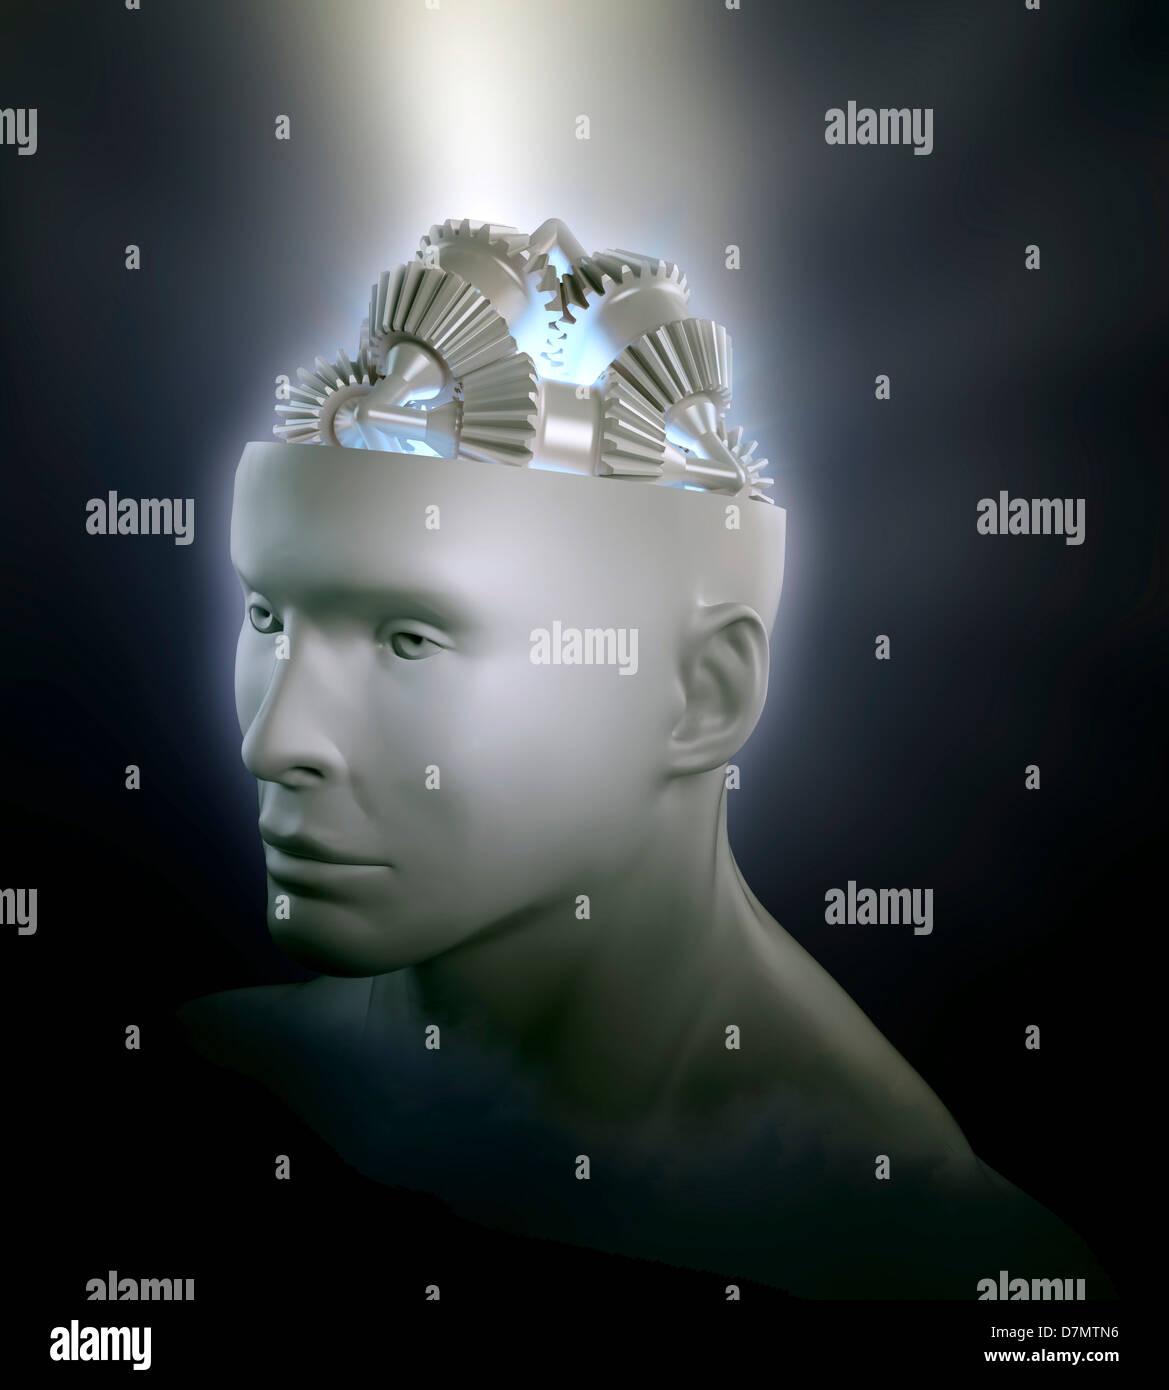 Bewusstsein, Konzeptbild Stockfoto